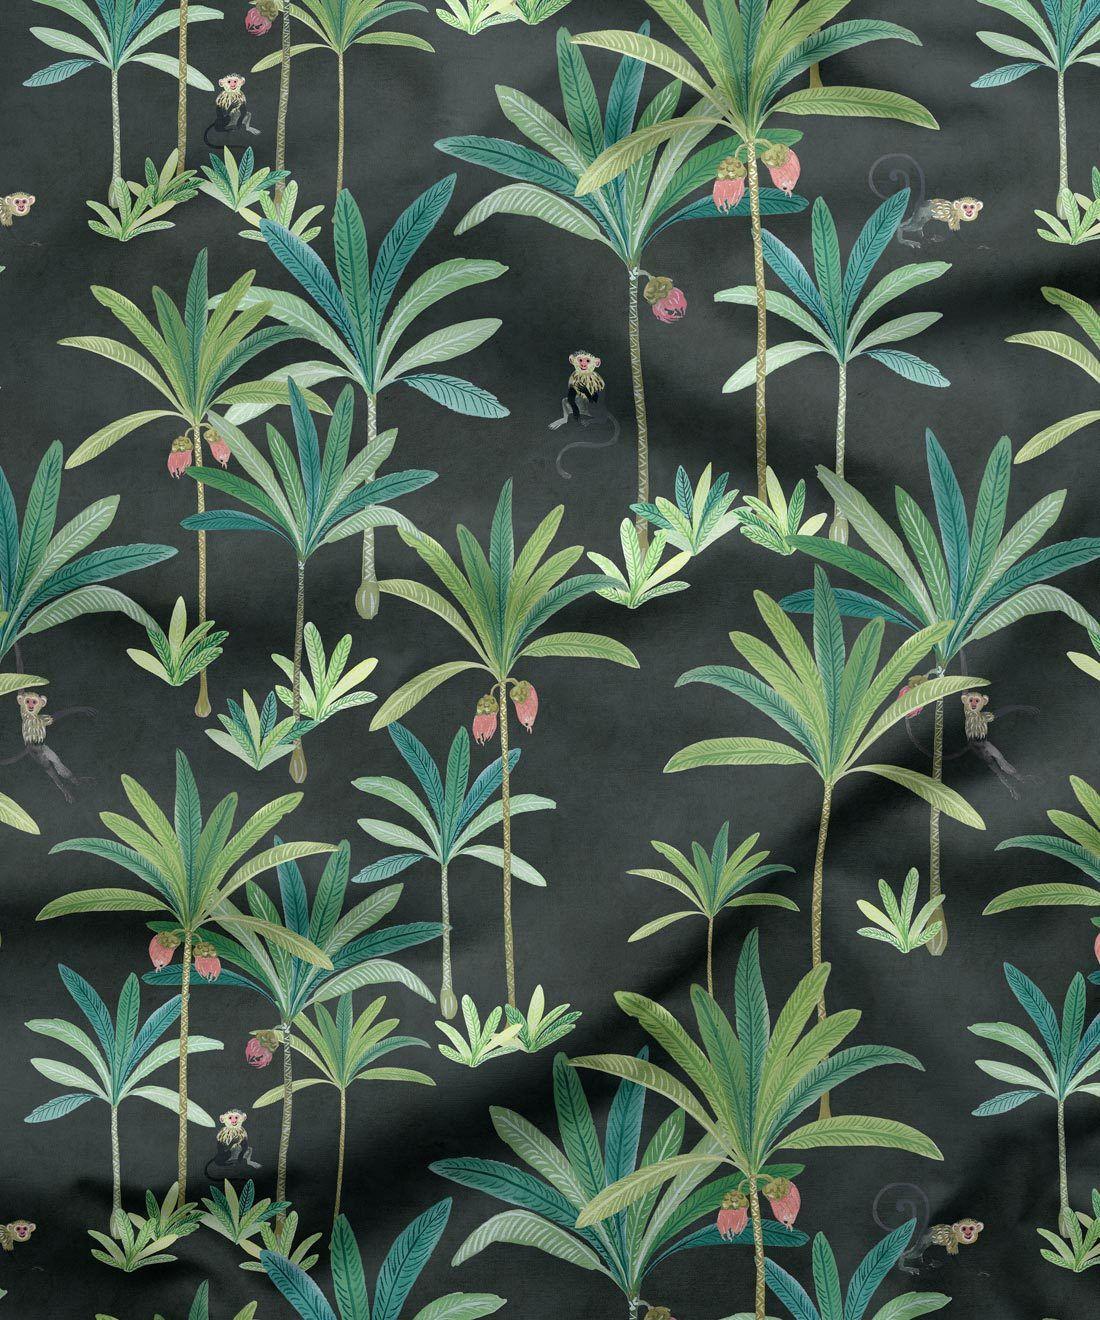 Monkey Palm Fabric Charcoal